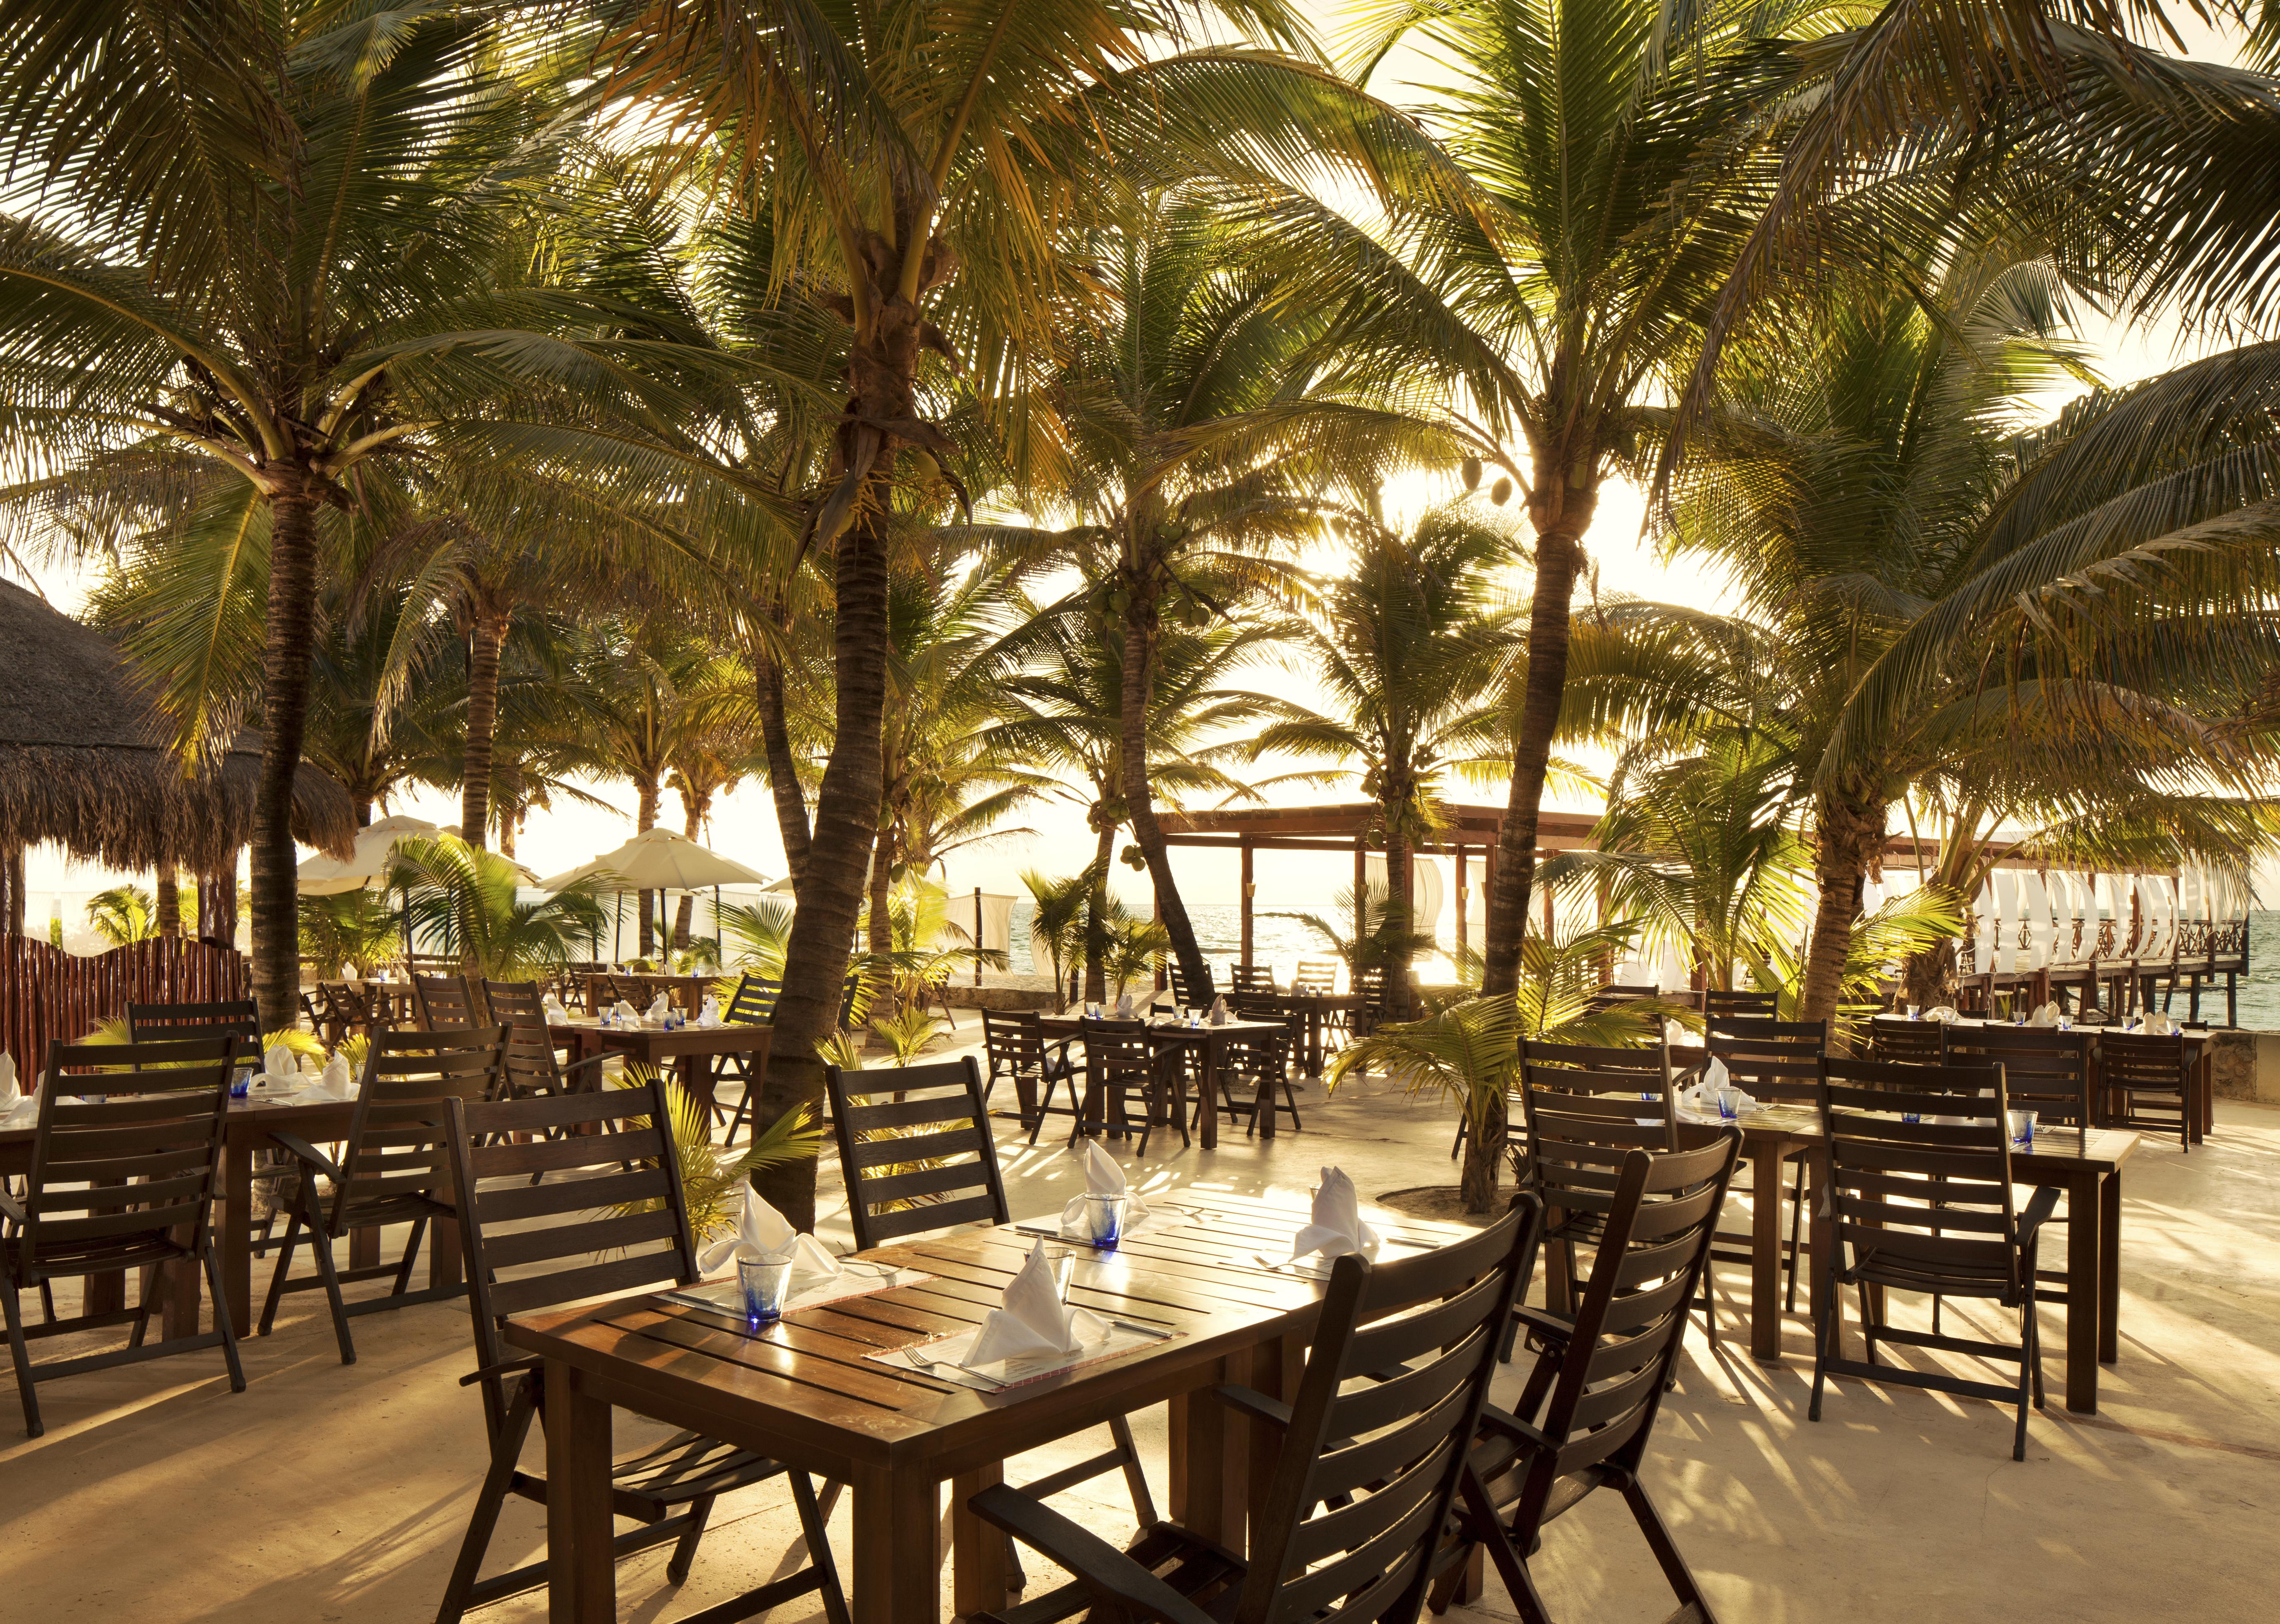 Travel Agency All-Inclusive Resort El Dorado Royale 30